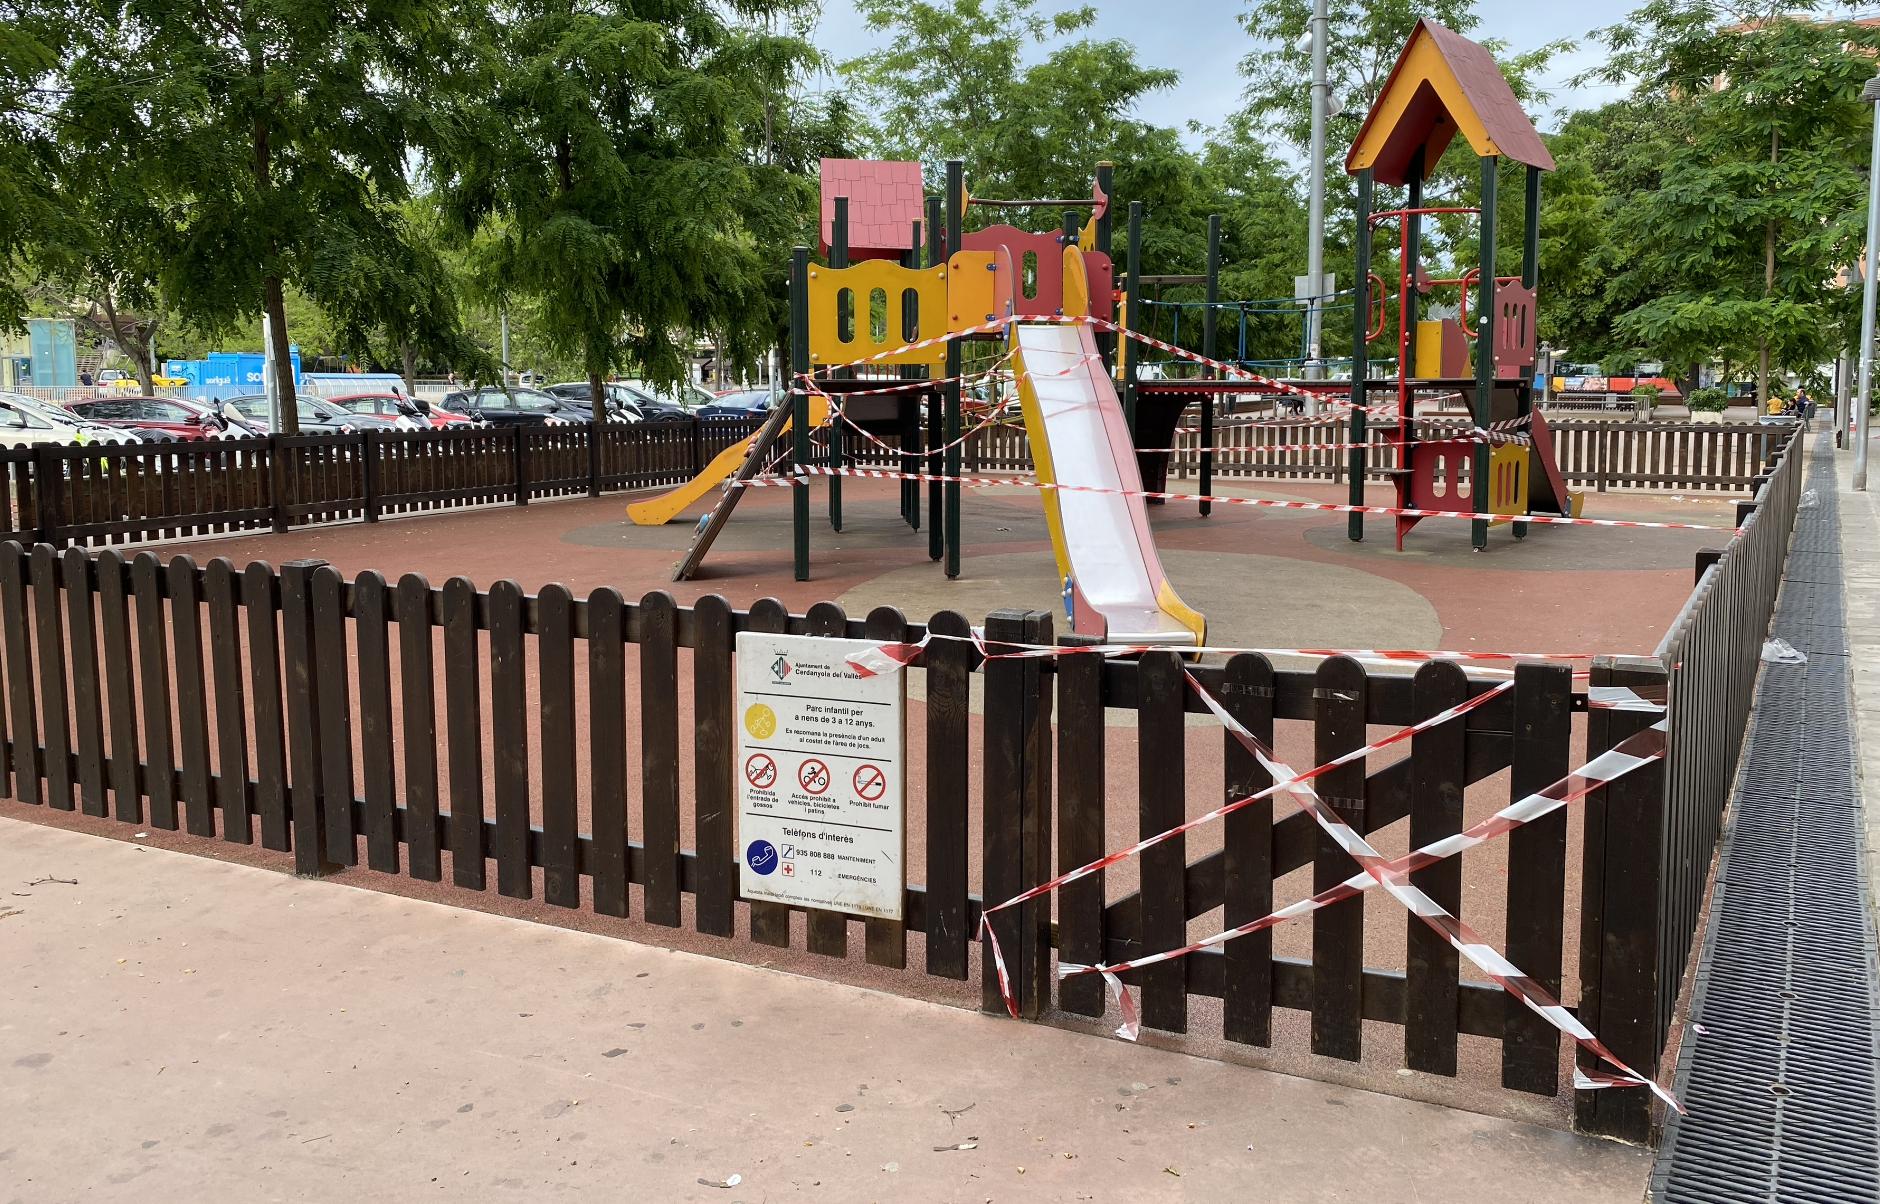 Un parc infantil de Cerdanyola tancat durant l'estat d'alarma. FOTO: Mónica GM